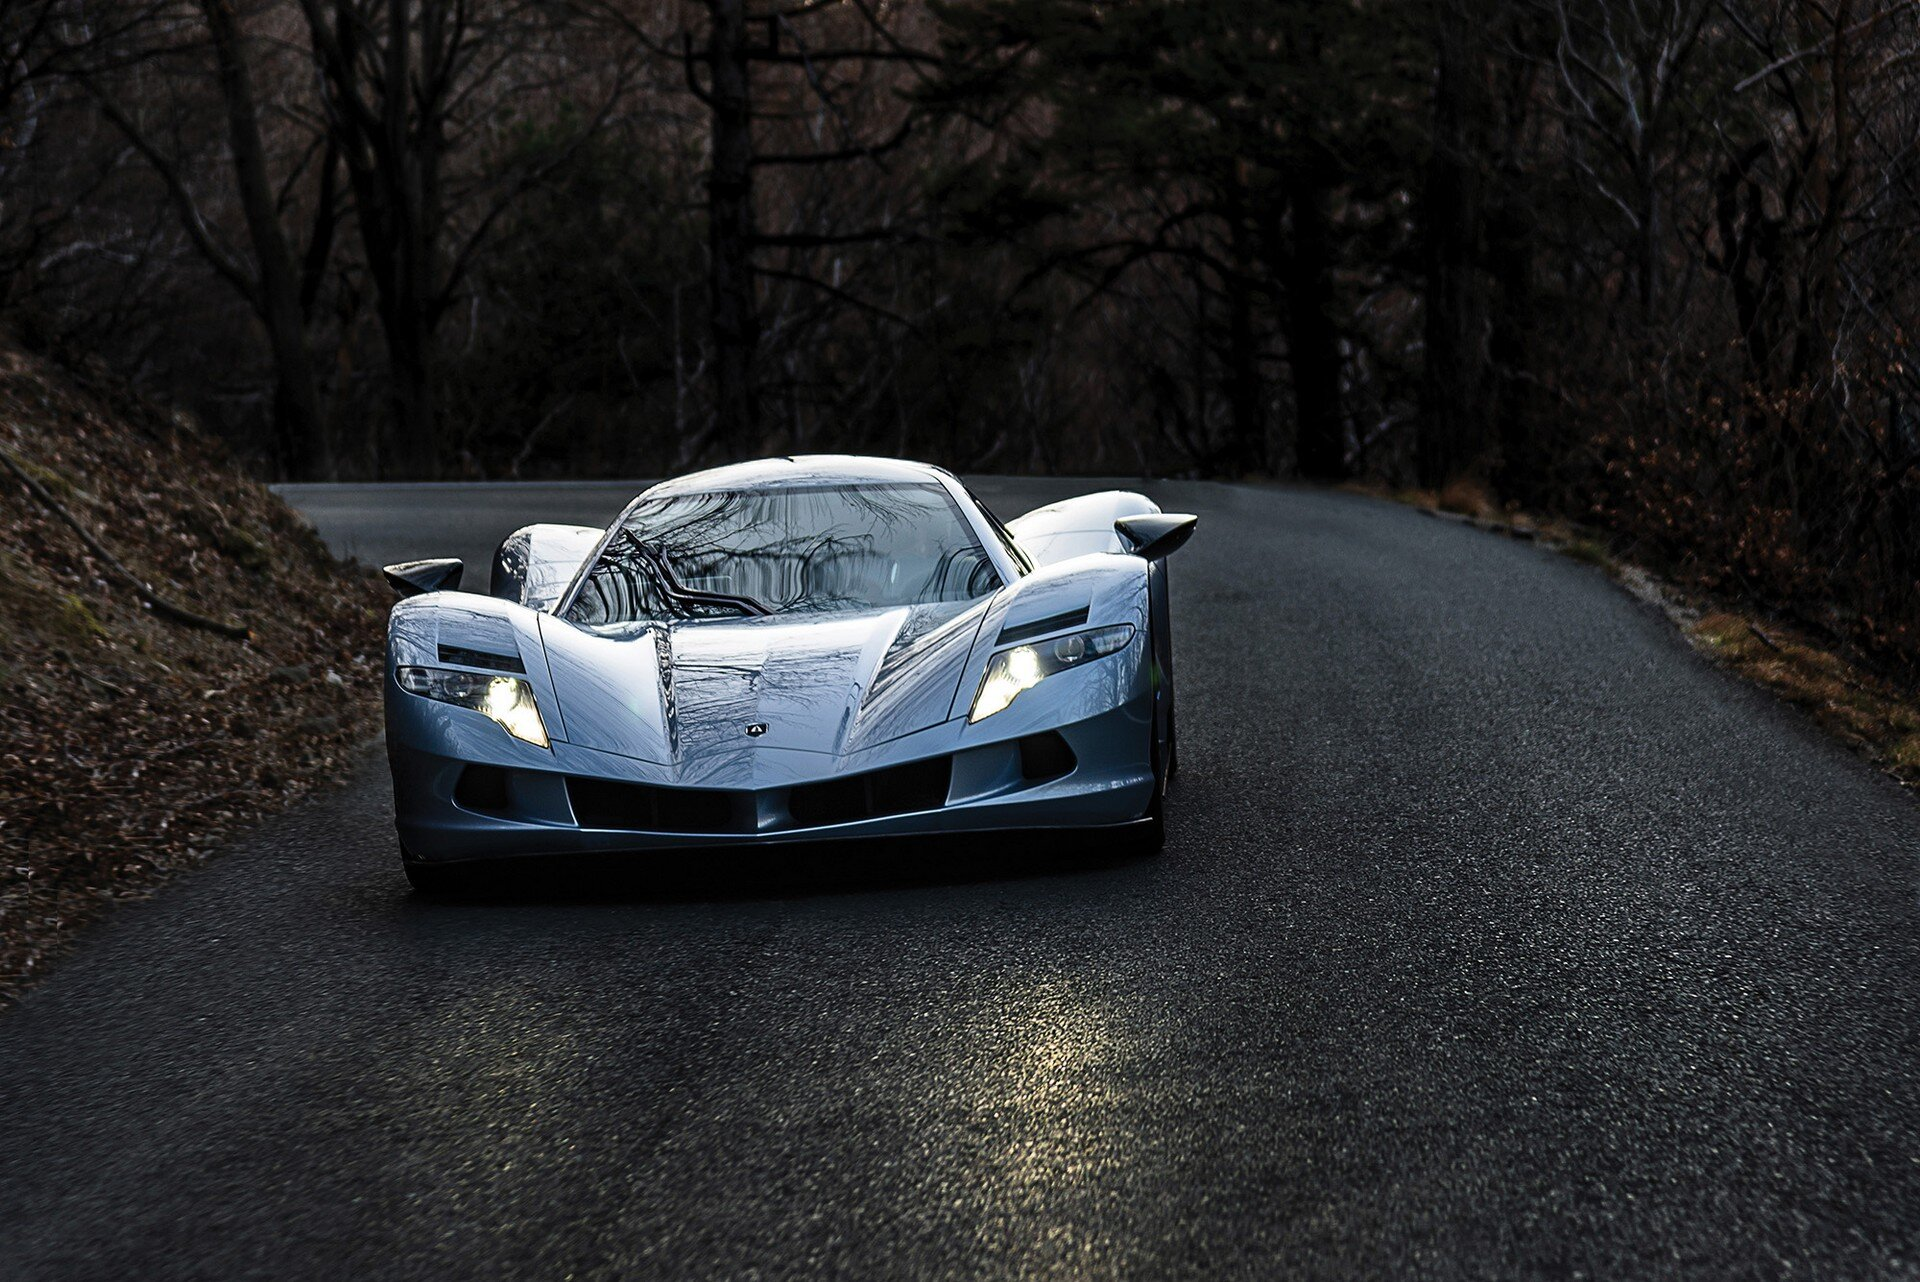 日本电动超级跑车在欧美发售,最高车速每小时400公里